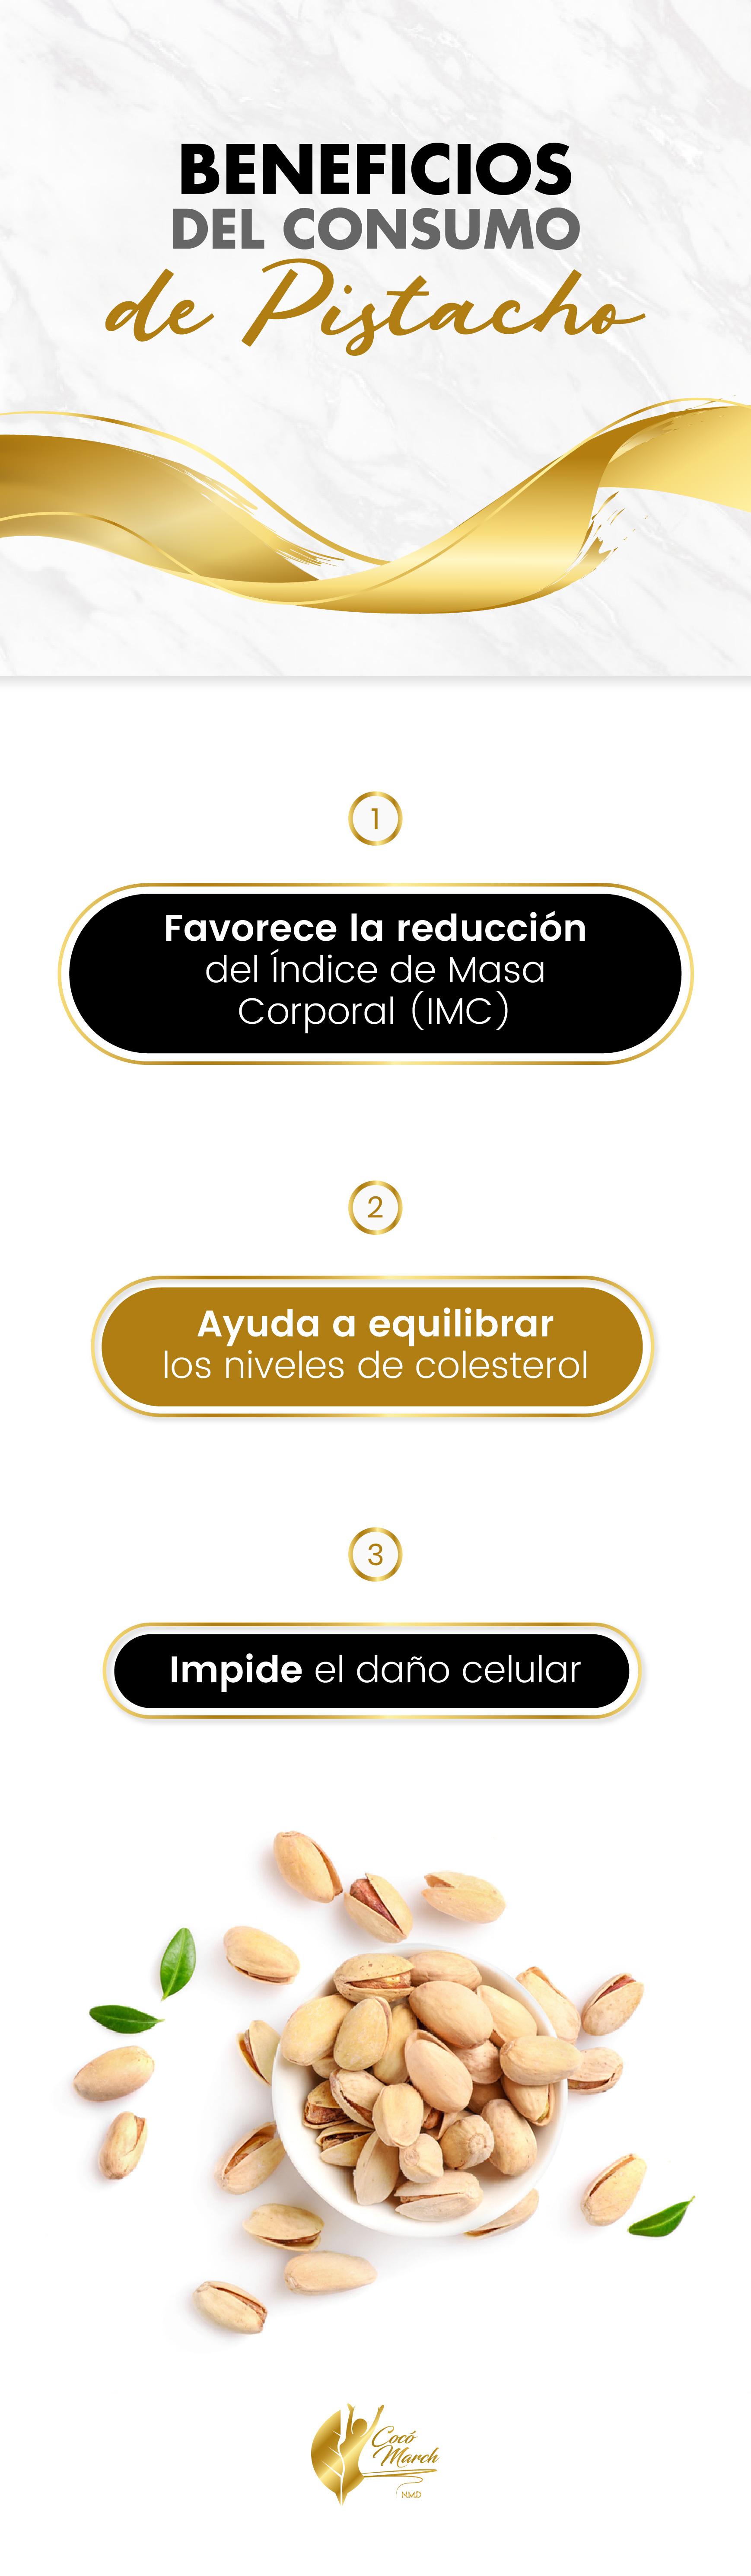 beneficios-del-consumo-de-pistachos